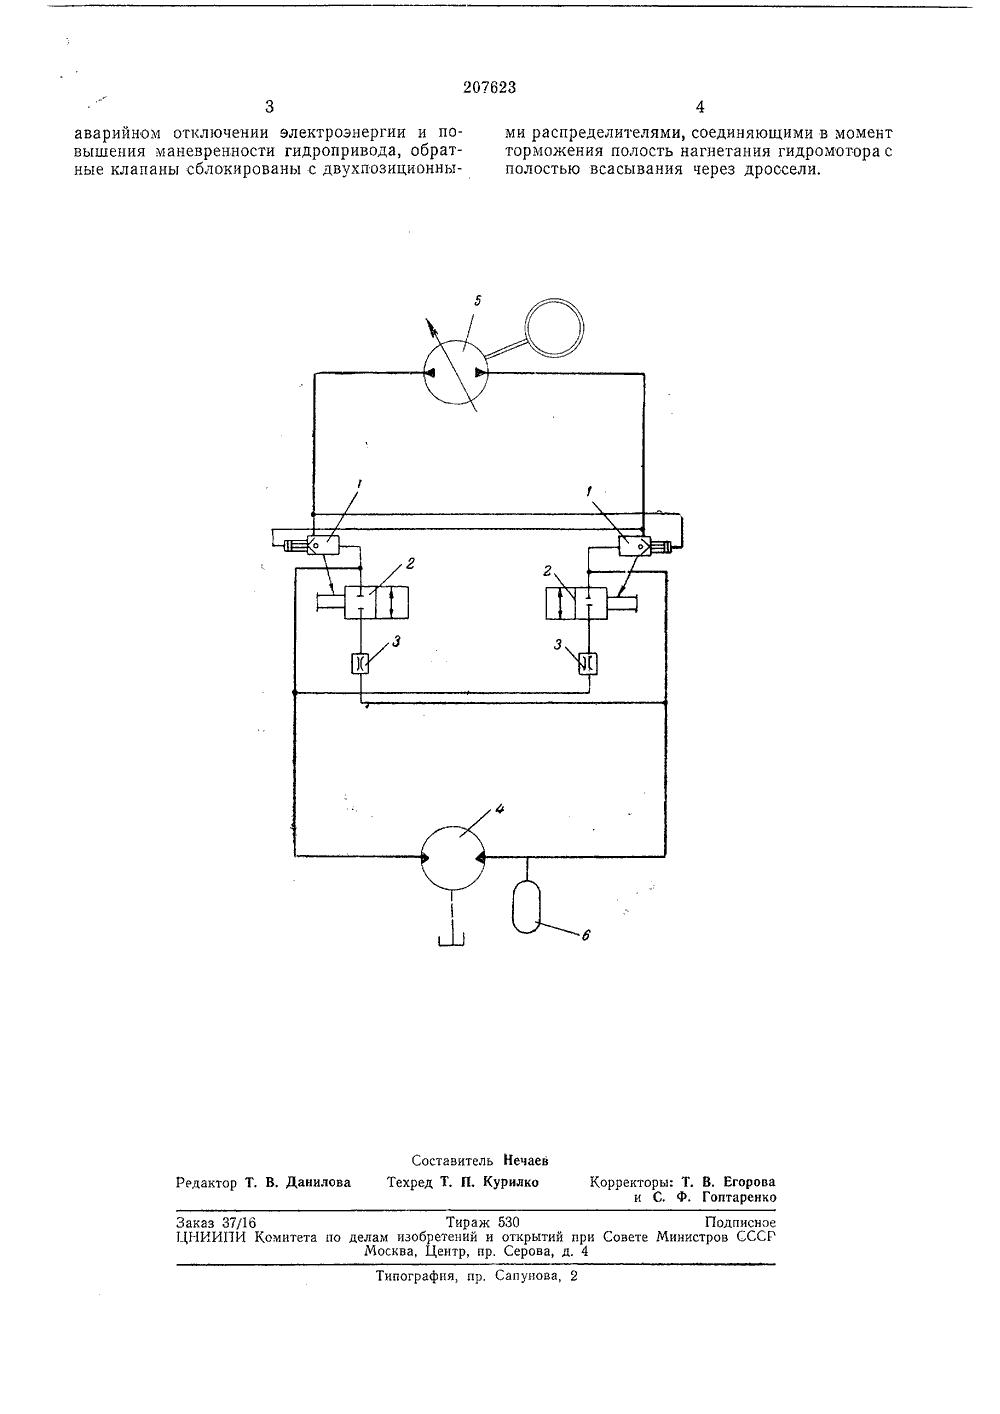 схема автоматического отключения насоса